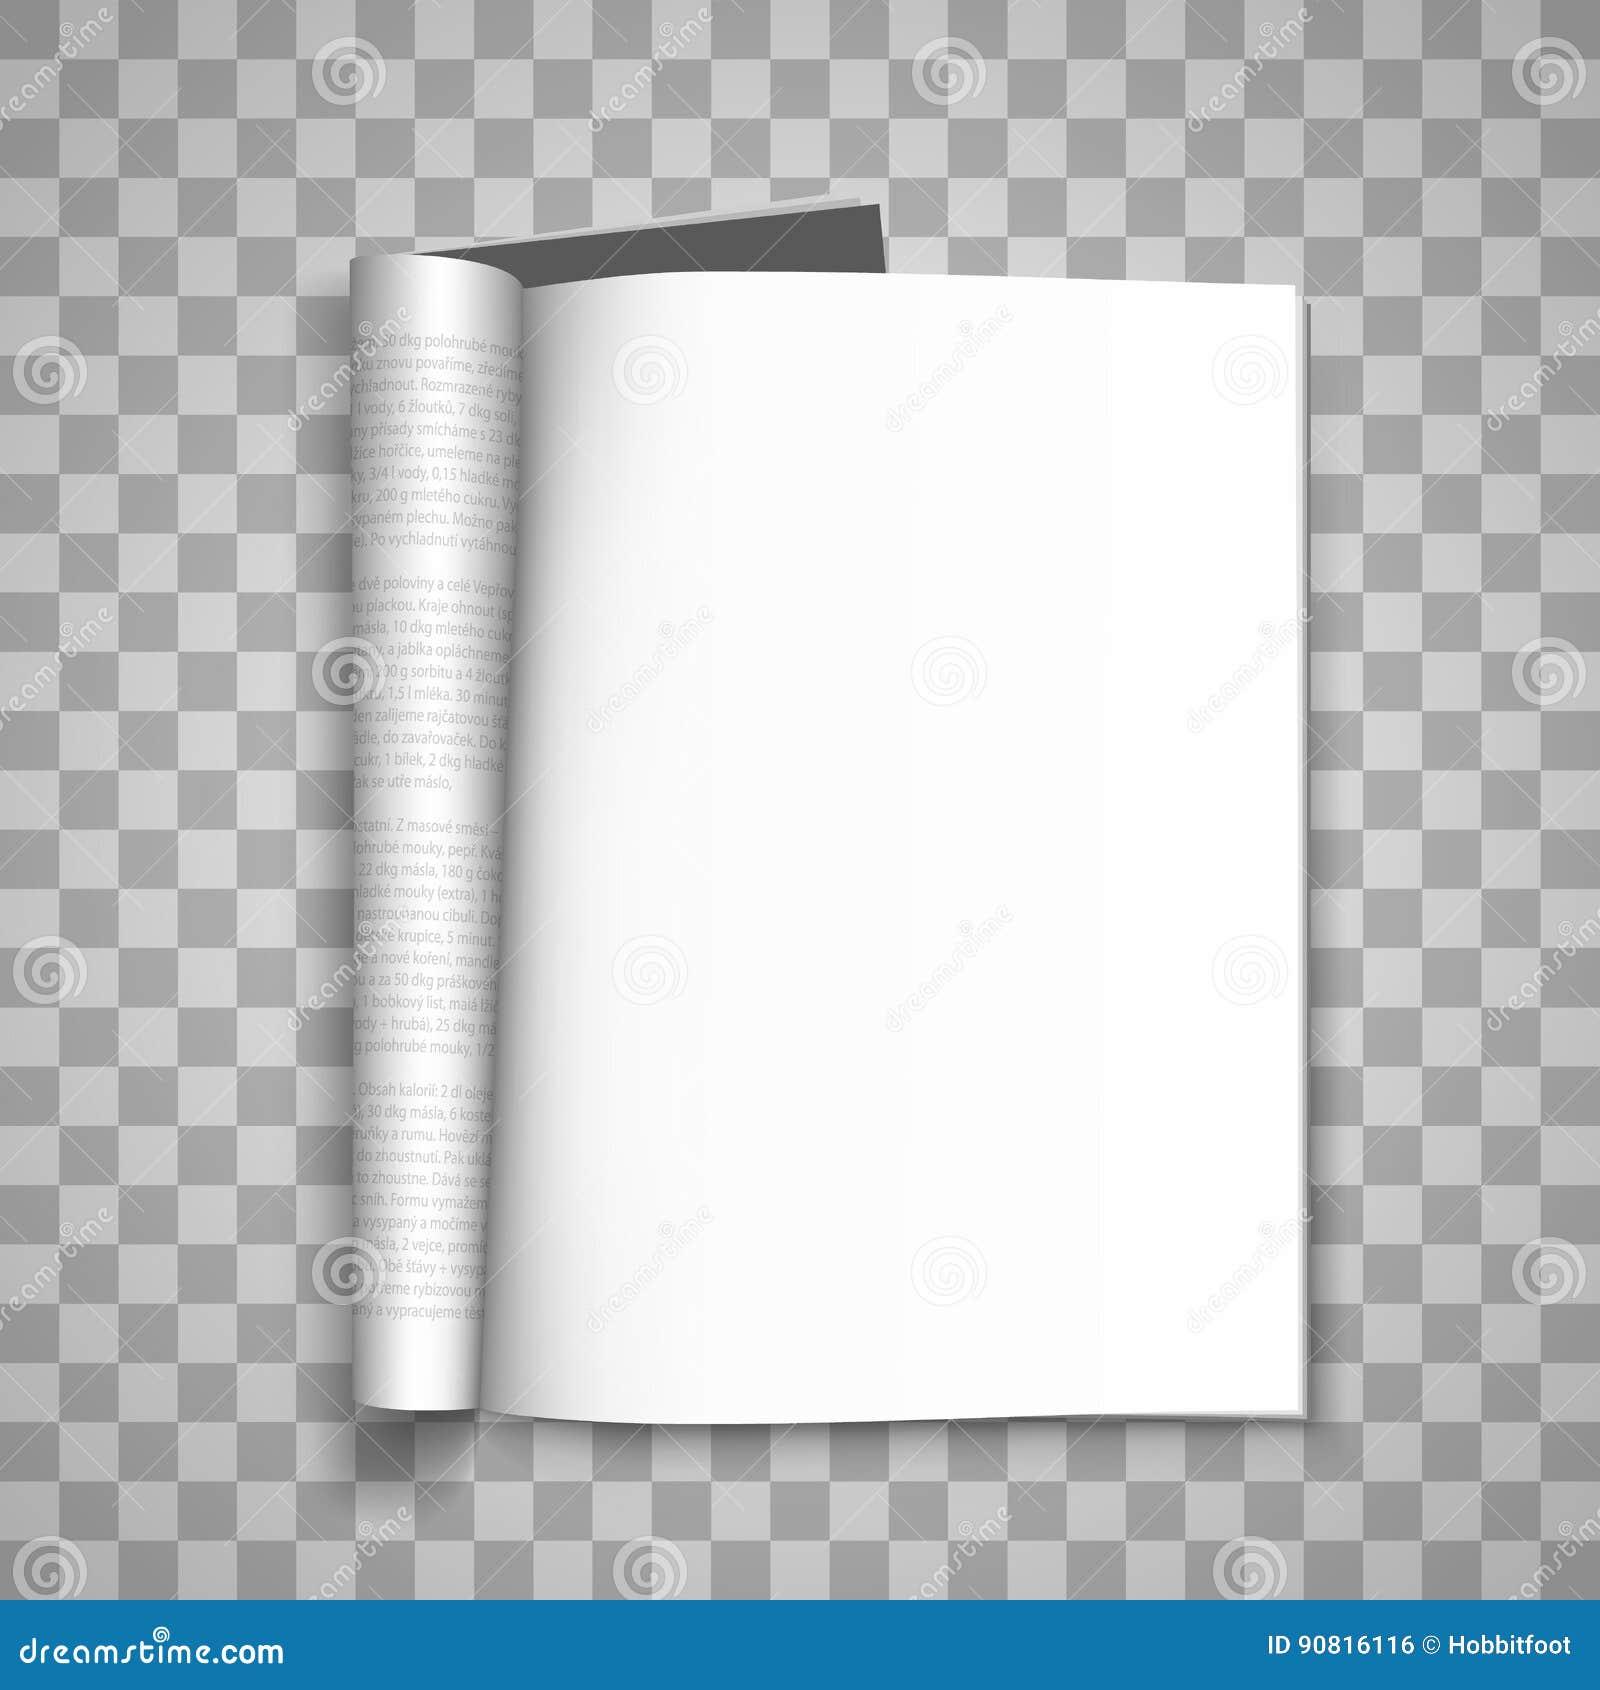 Раскройте бумажный журнал, бумажный журнал, предпосылку пустого magazin прозрачную, элемент дизайна шаблона страницы, вектор